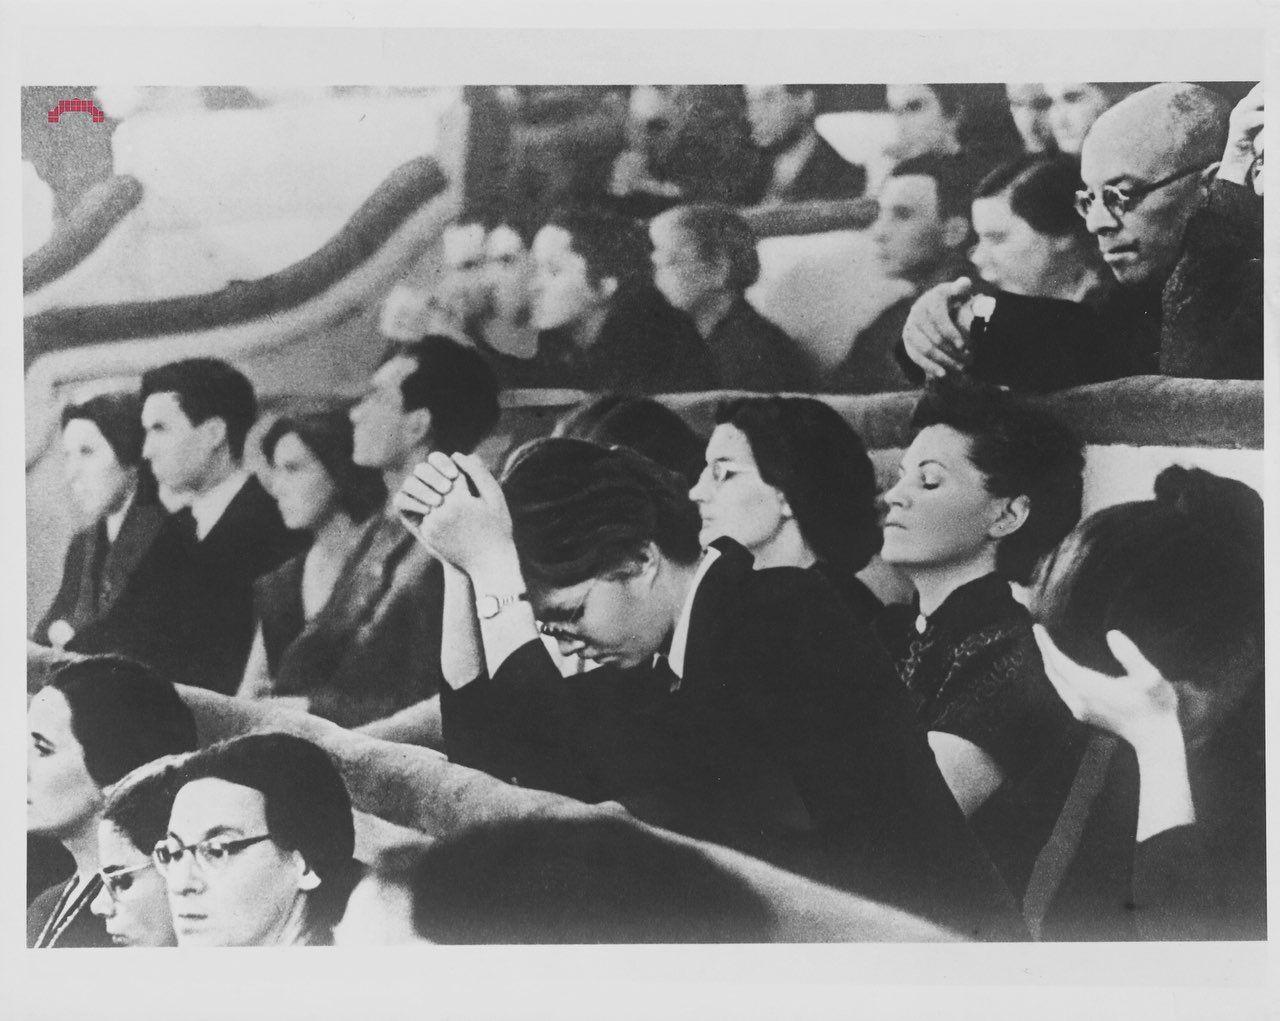 Публика в зрительном зале слушает симфонию Шостаковича, Москва, 1966-й год